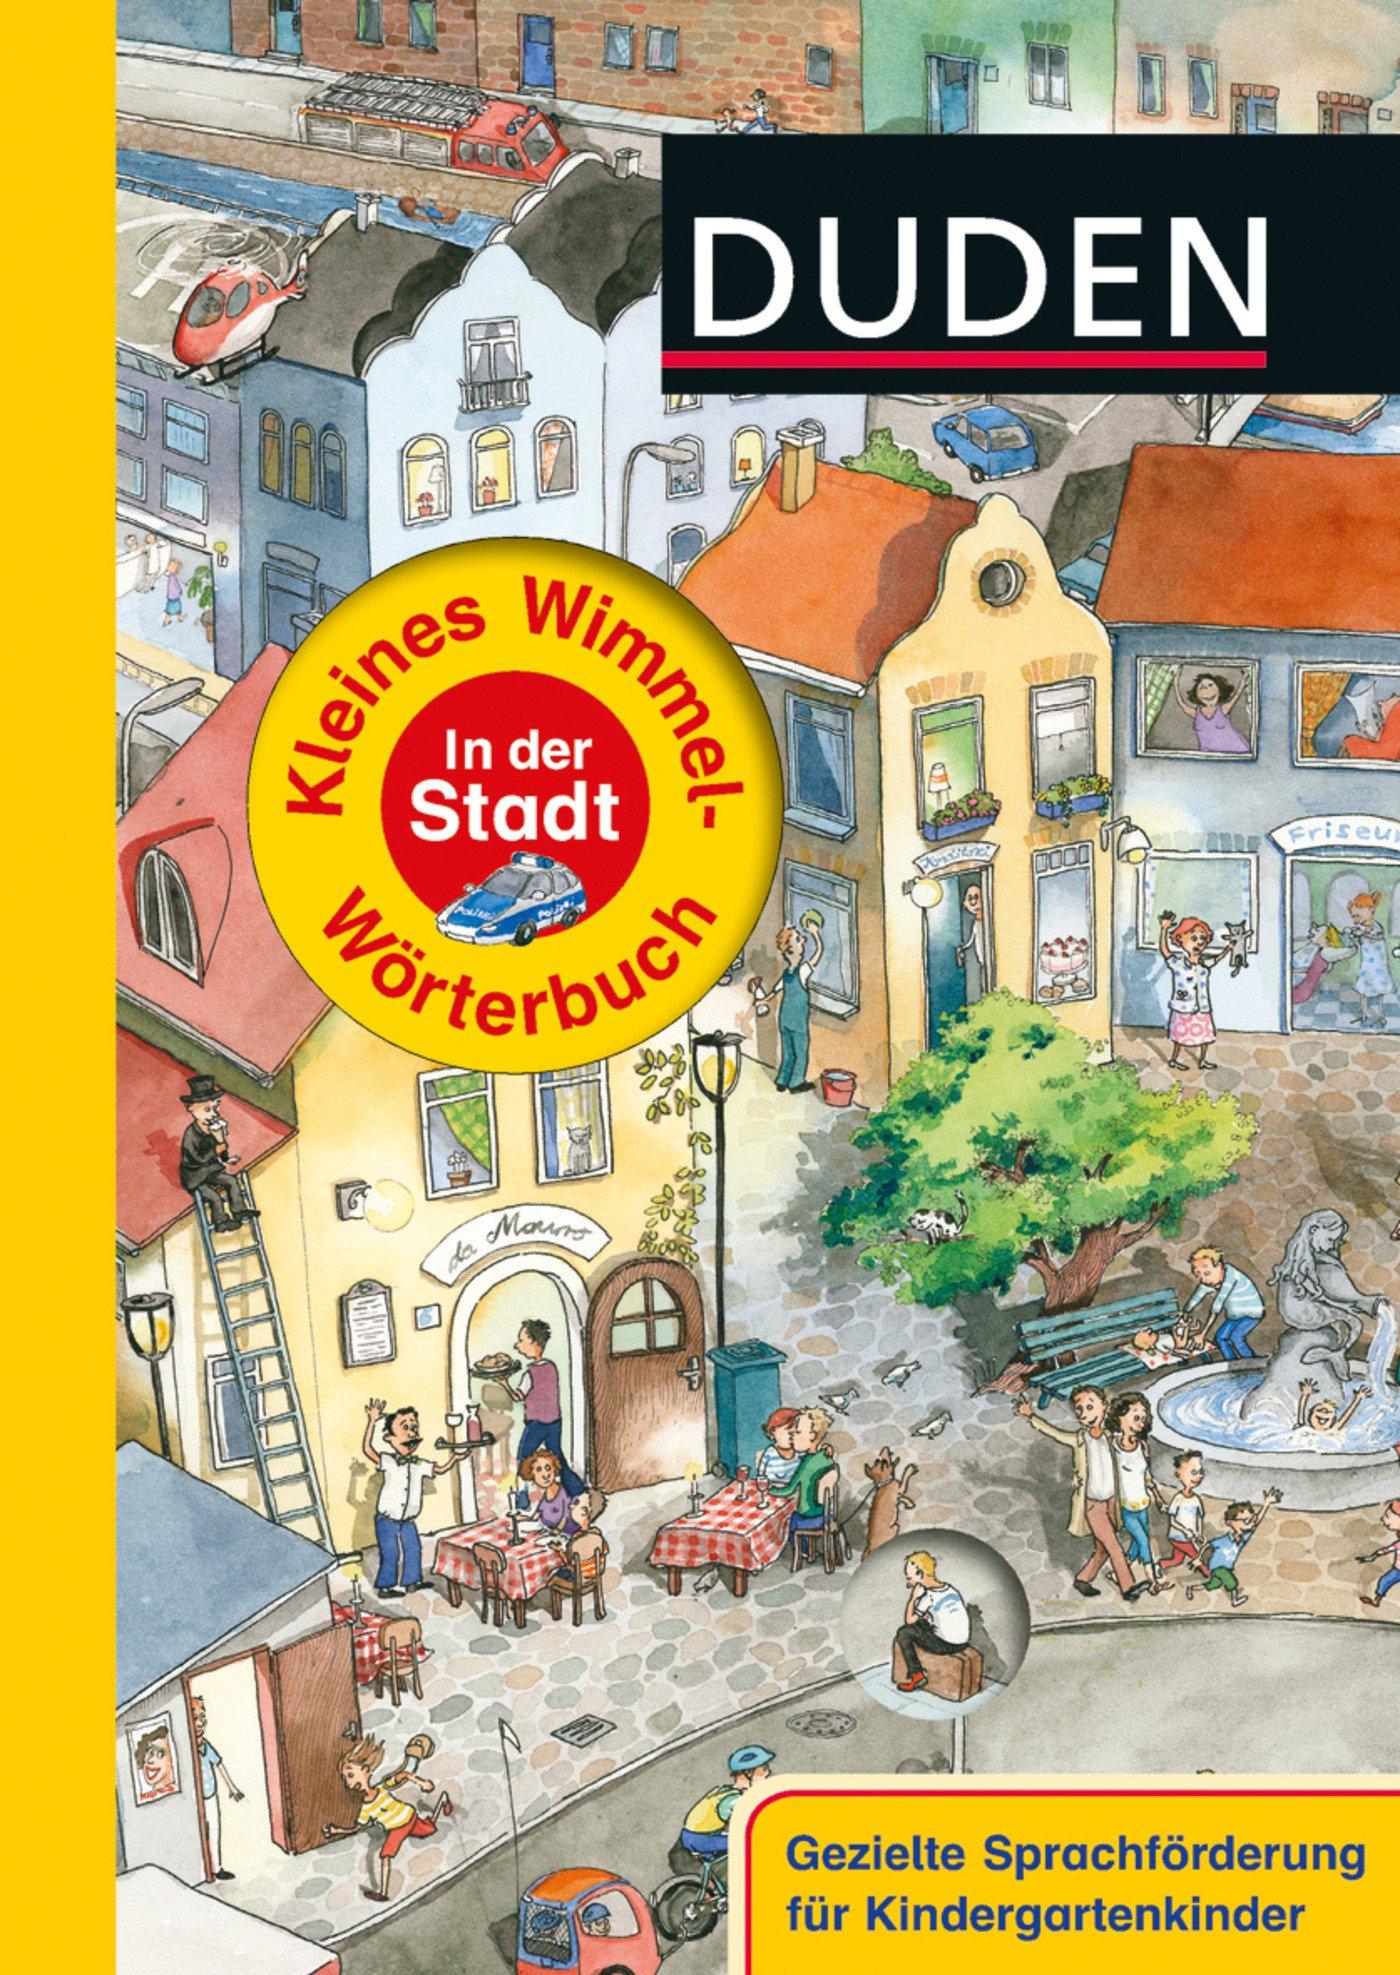 Duden - Kleines Wimmel-Wörterbuch - In der Stadt